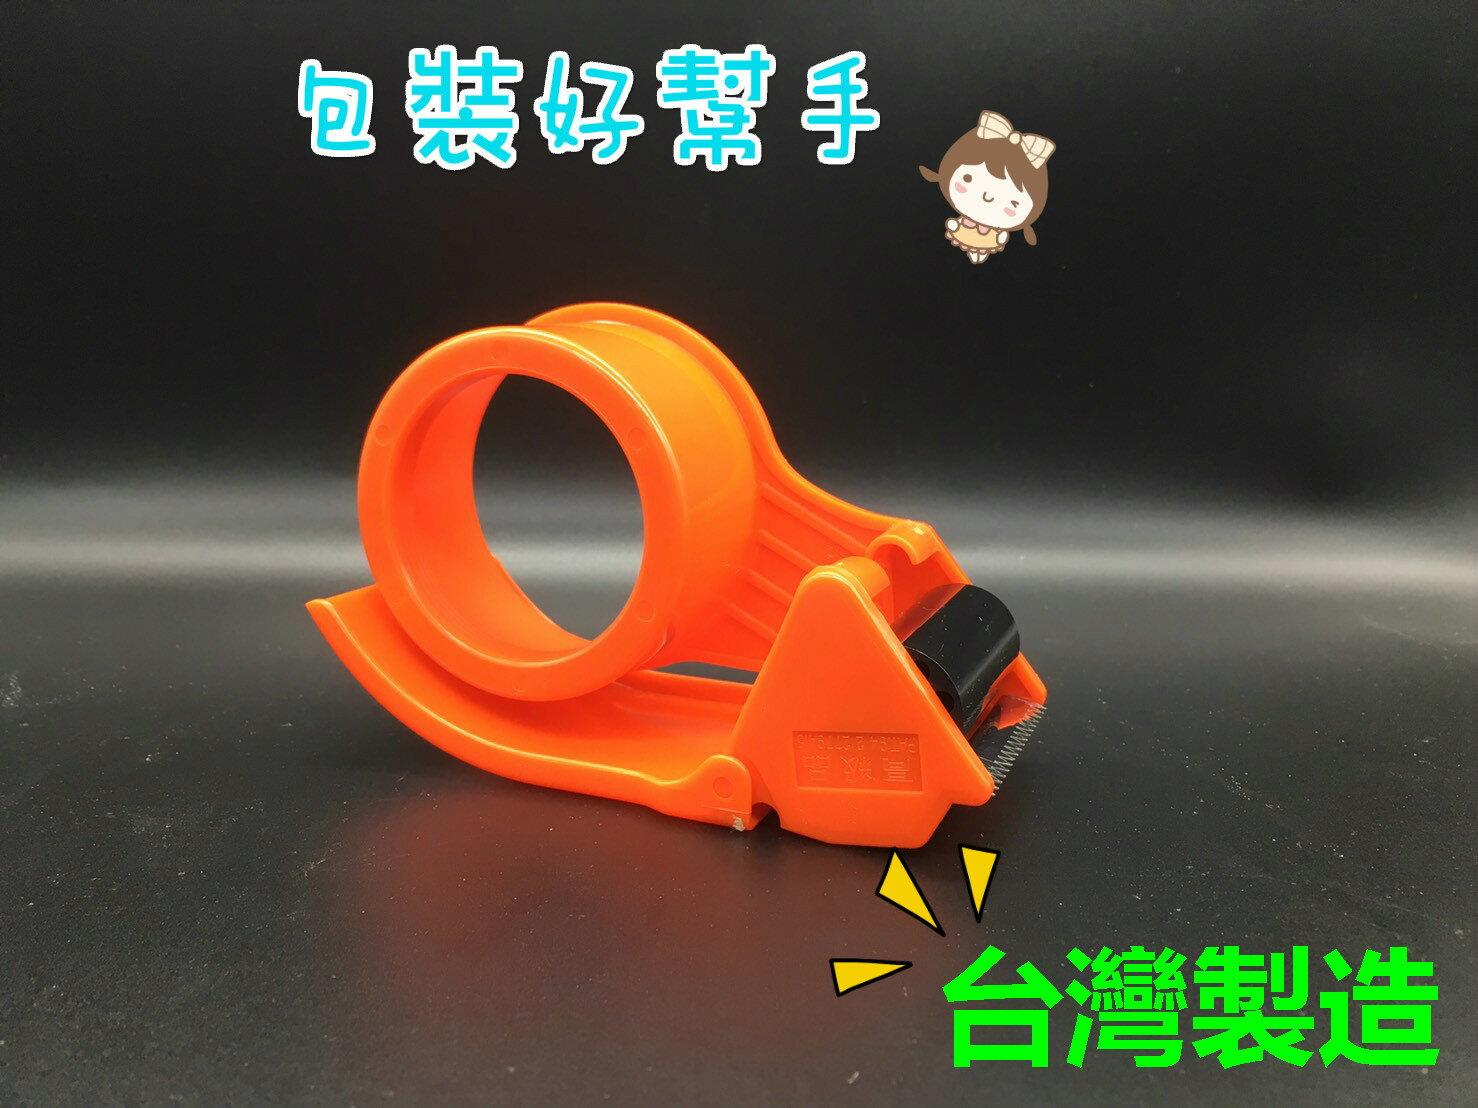 膠台 膠帶切台 團購價 膠帶切台 適用48mm(2英吋)  膠帶切割器/包裝/透明膠帶/膠膜/棧板模/封箱膠帶/OPP膠帶